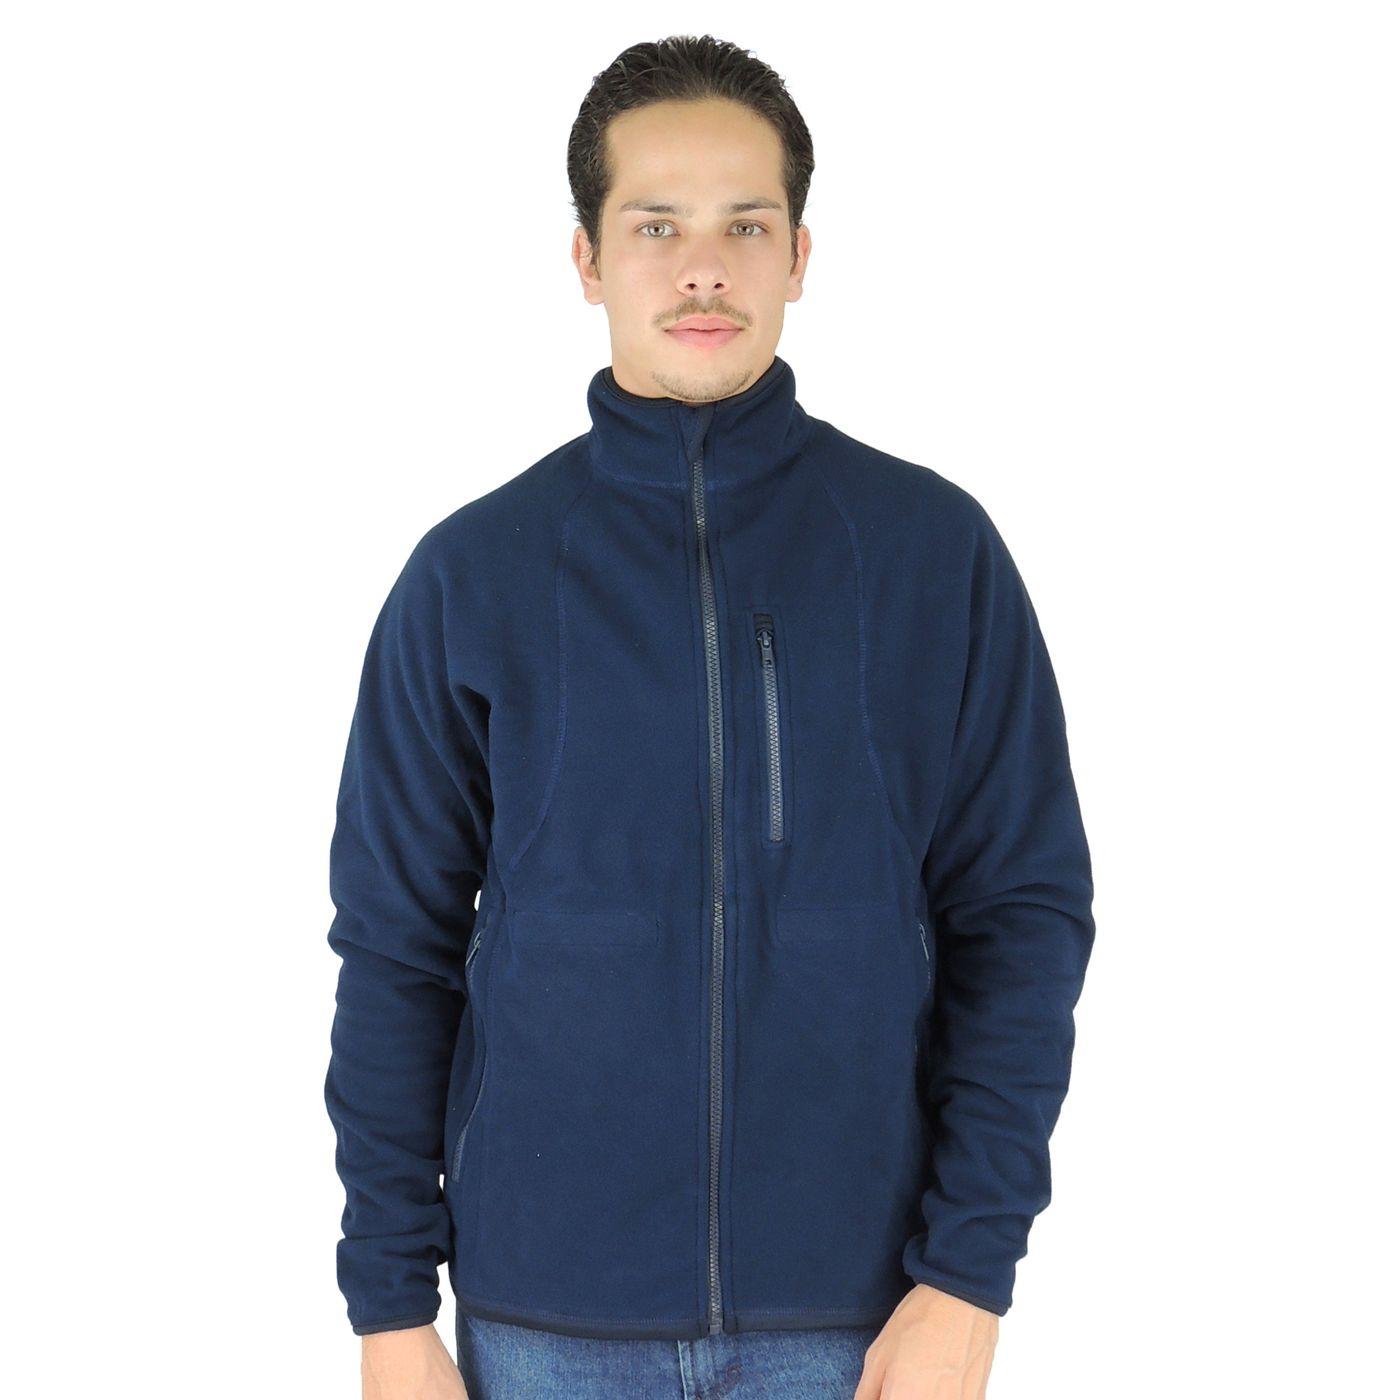 7a2df07f4 Casaco térmico Masculino Azul Marinho para o frio intenso e inverno -  fieroshop